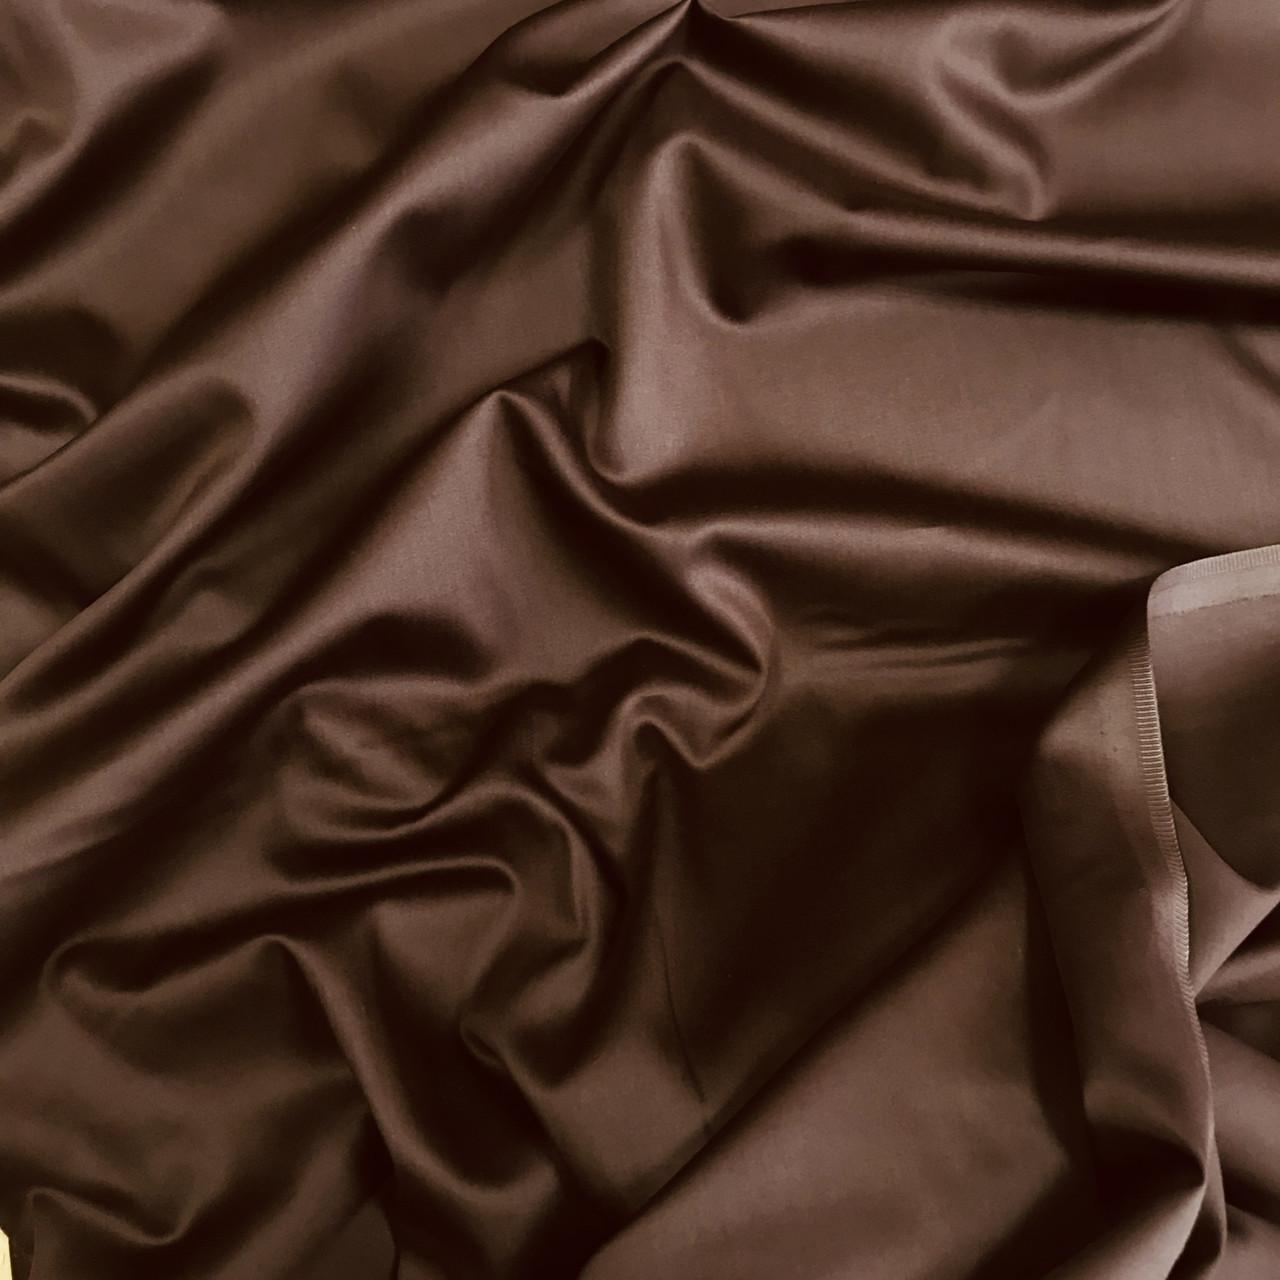 Сатин шоколадный для постельного белья, мерсеризованный  (ТУРЦИЯ шир. 2,4 м) №31-34s ОТРЕЗ(0,6*2,4)